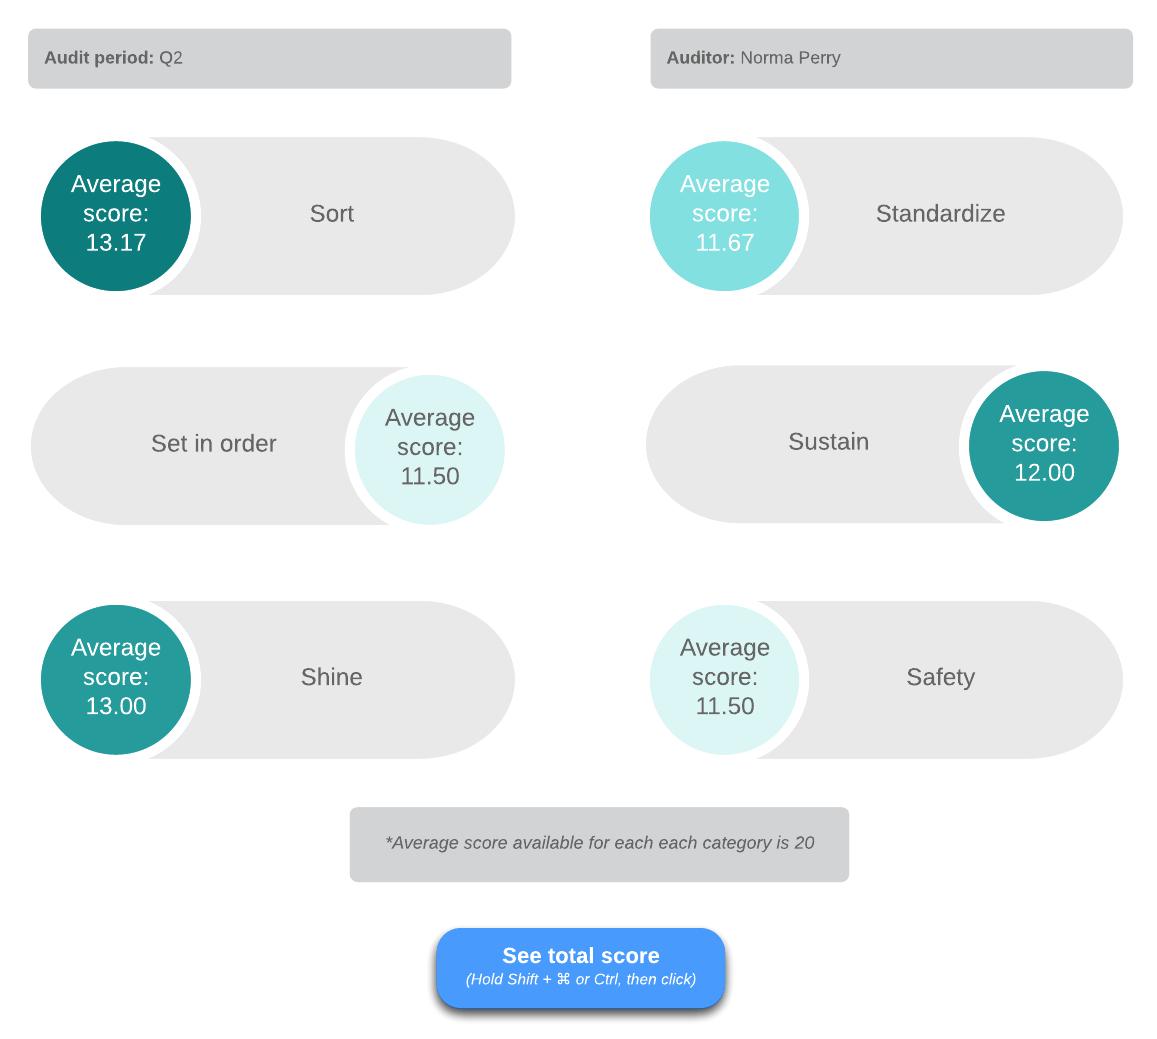 6S summary dashboard example